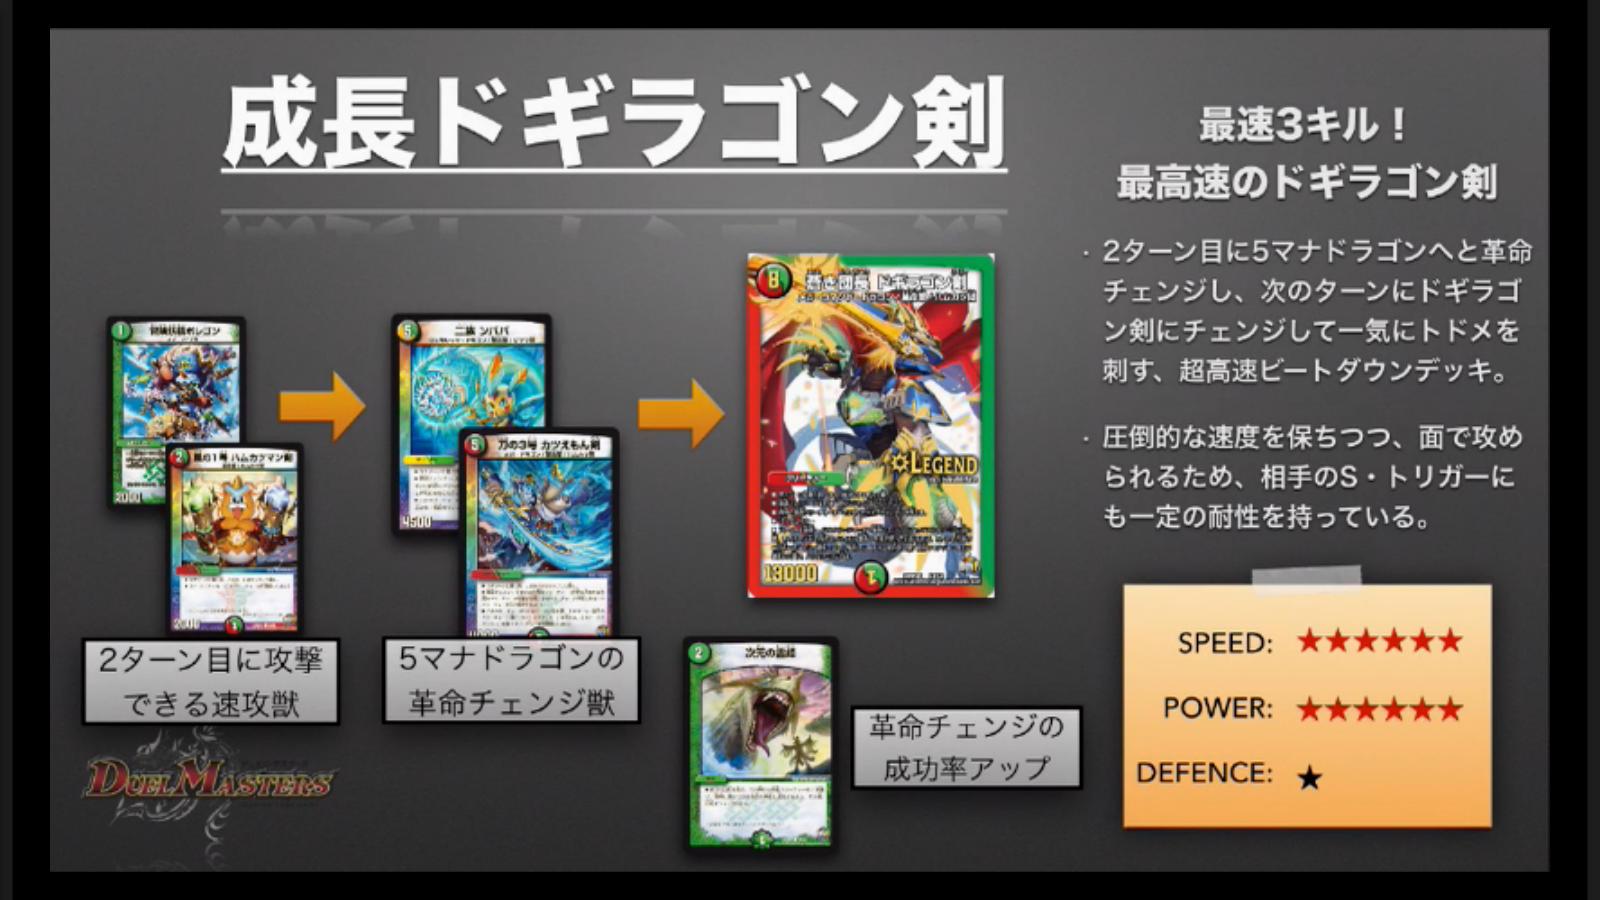 dm-kakumei-finalcup-news-170226-043.jpg